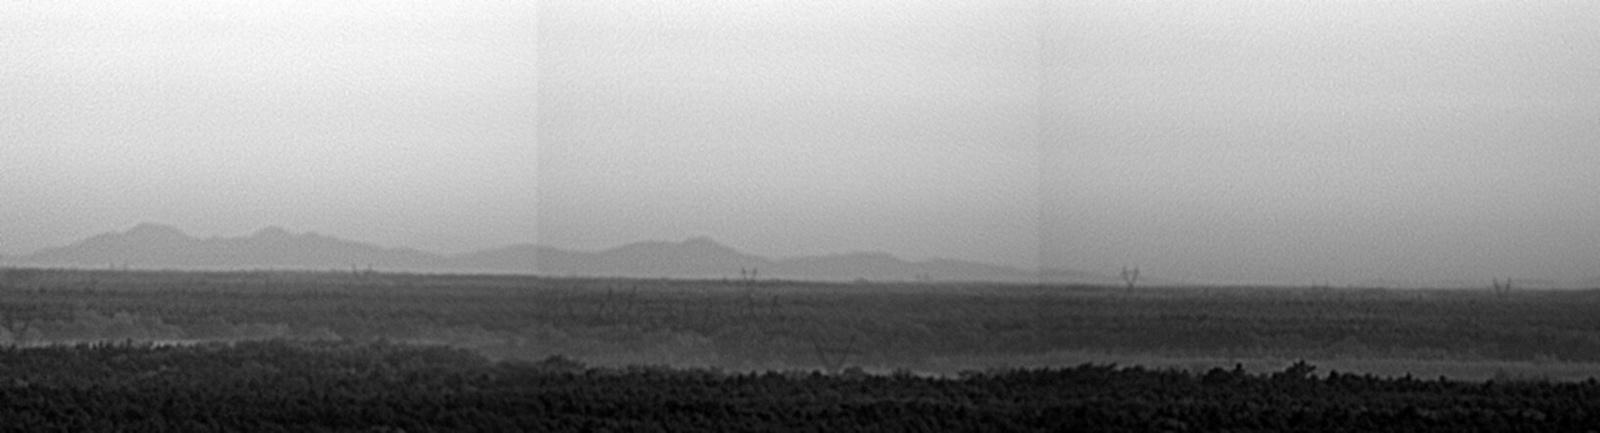 panoramatatr.2b.jpg